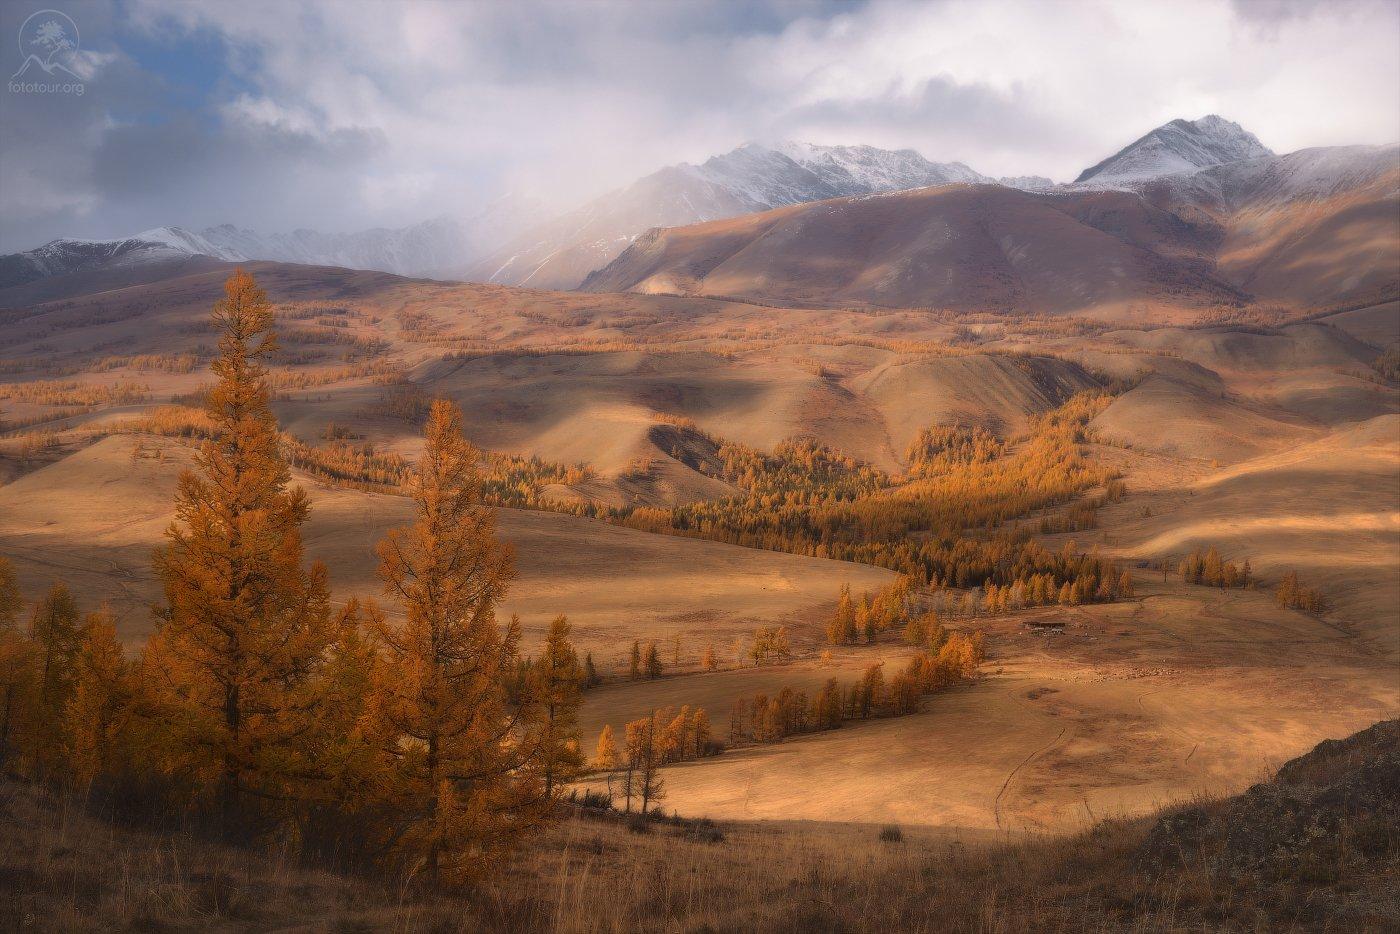 алтай, осень, горы, долина, Гордиенко Анатолий